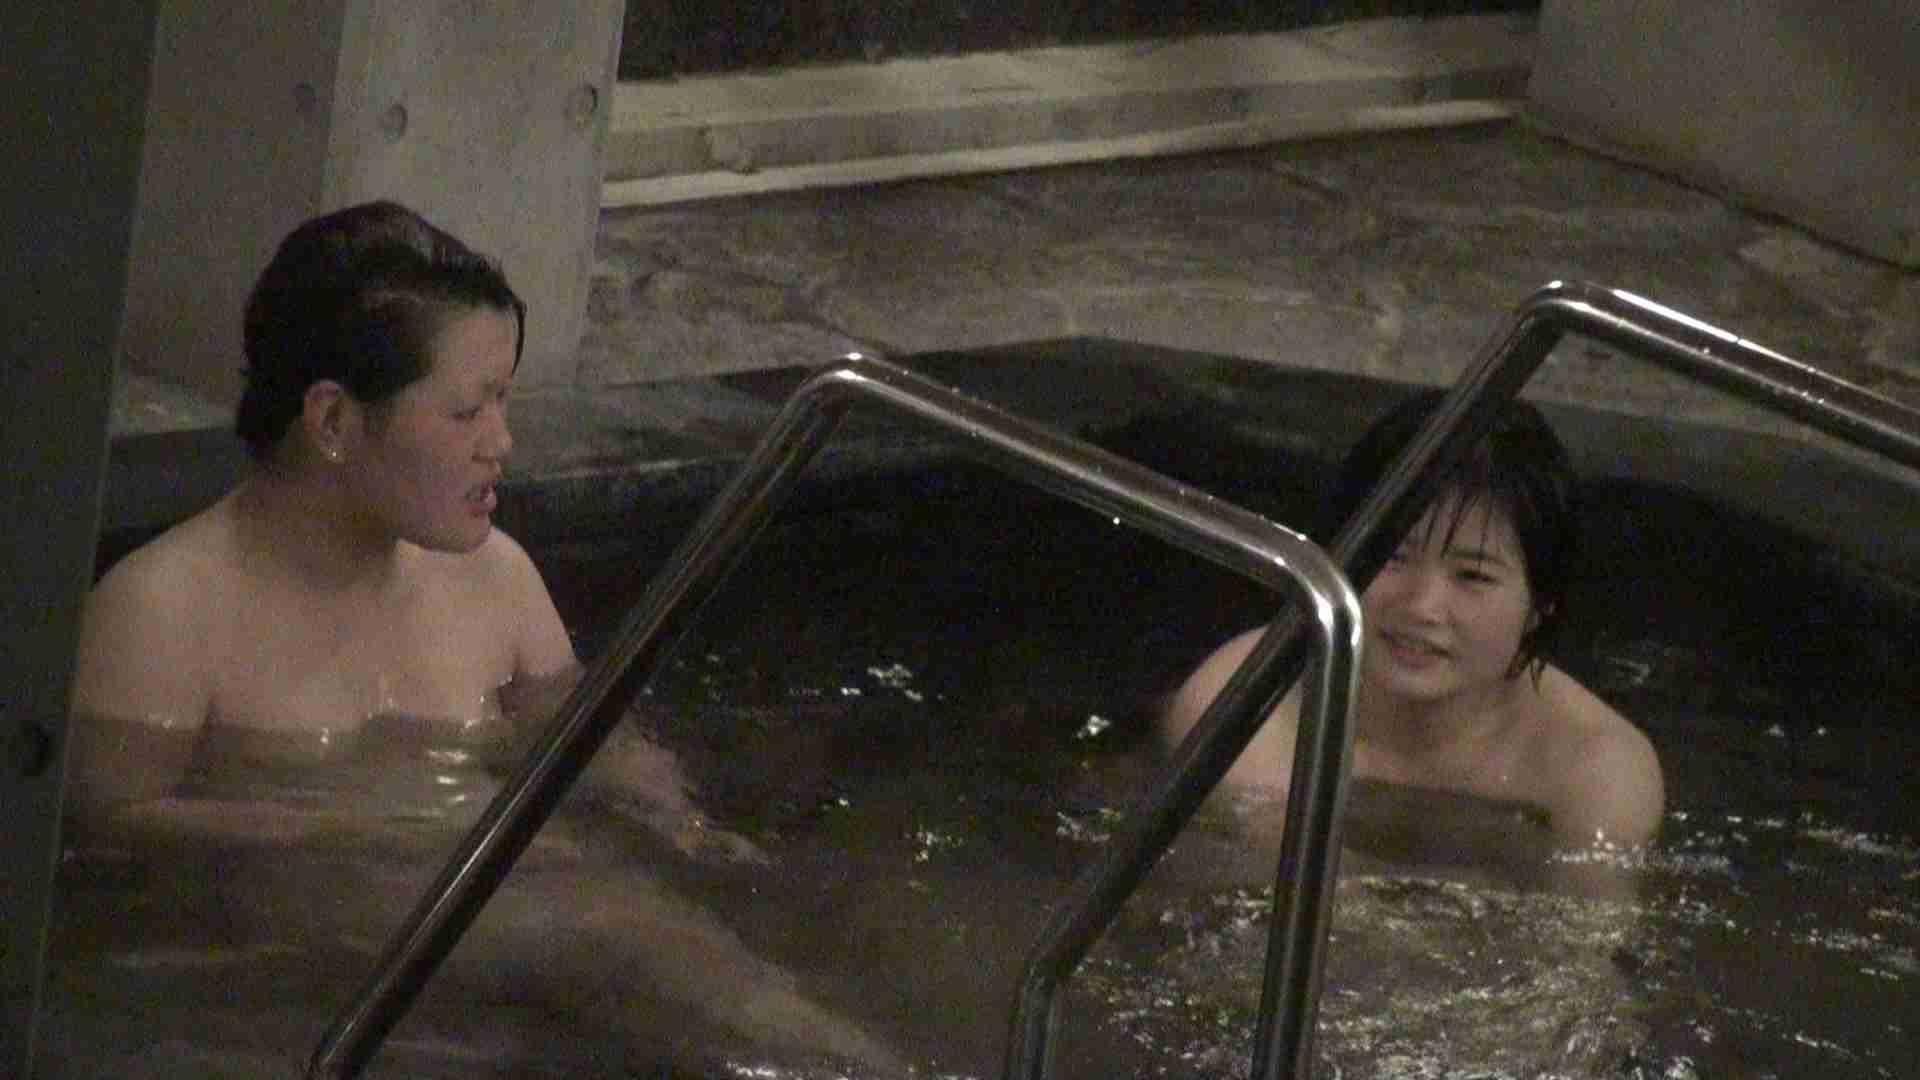 Aquaな露天風呂Vol.384 盗撮シリーズ  113PIX 82